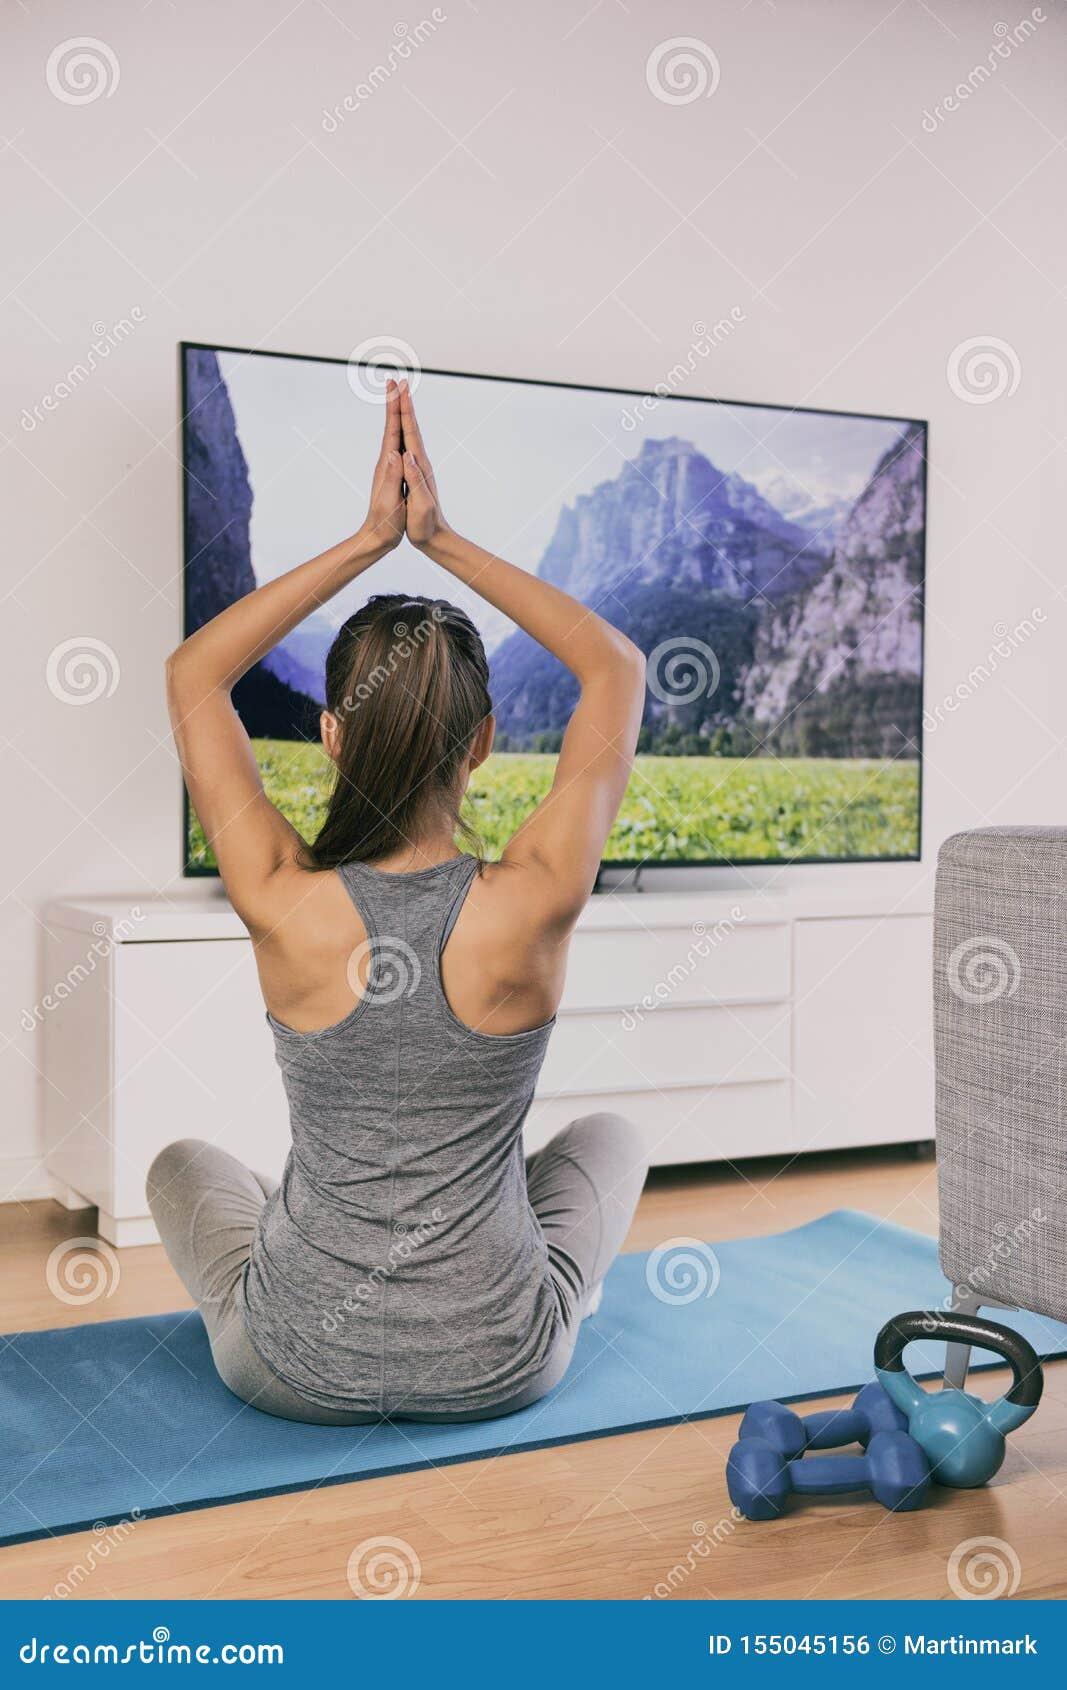 Eignungsklasse des Yoga zu Hause, die im Fernsehen Appon-line-Frauentraining im Wohnzimmer auf der Übungsmatte allein meditiert -